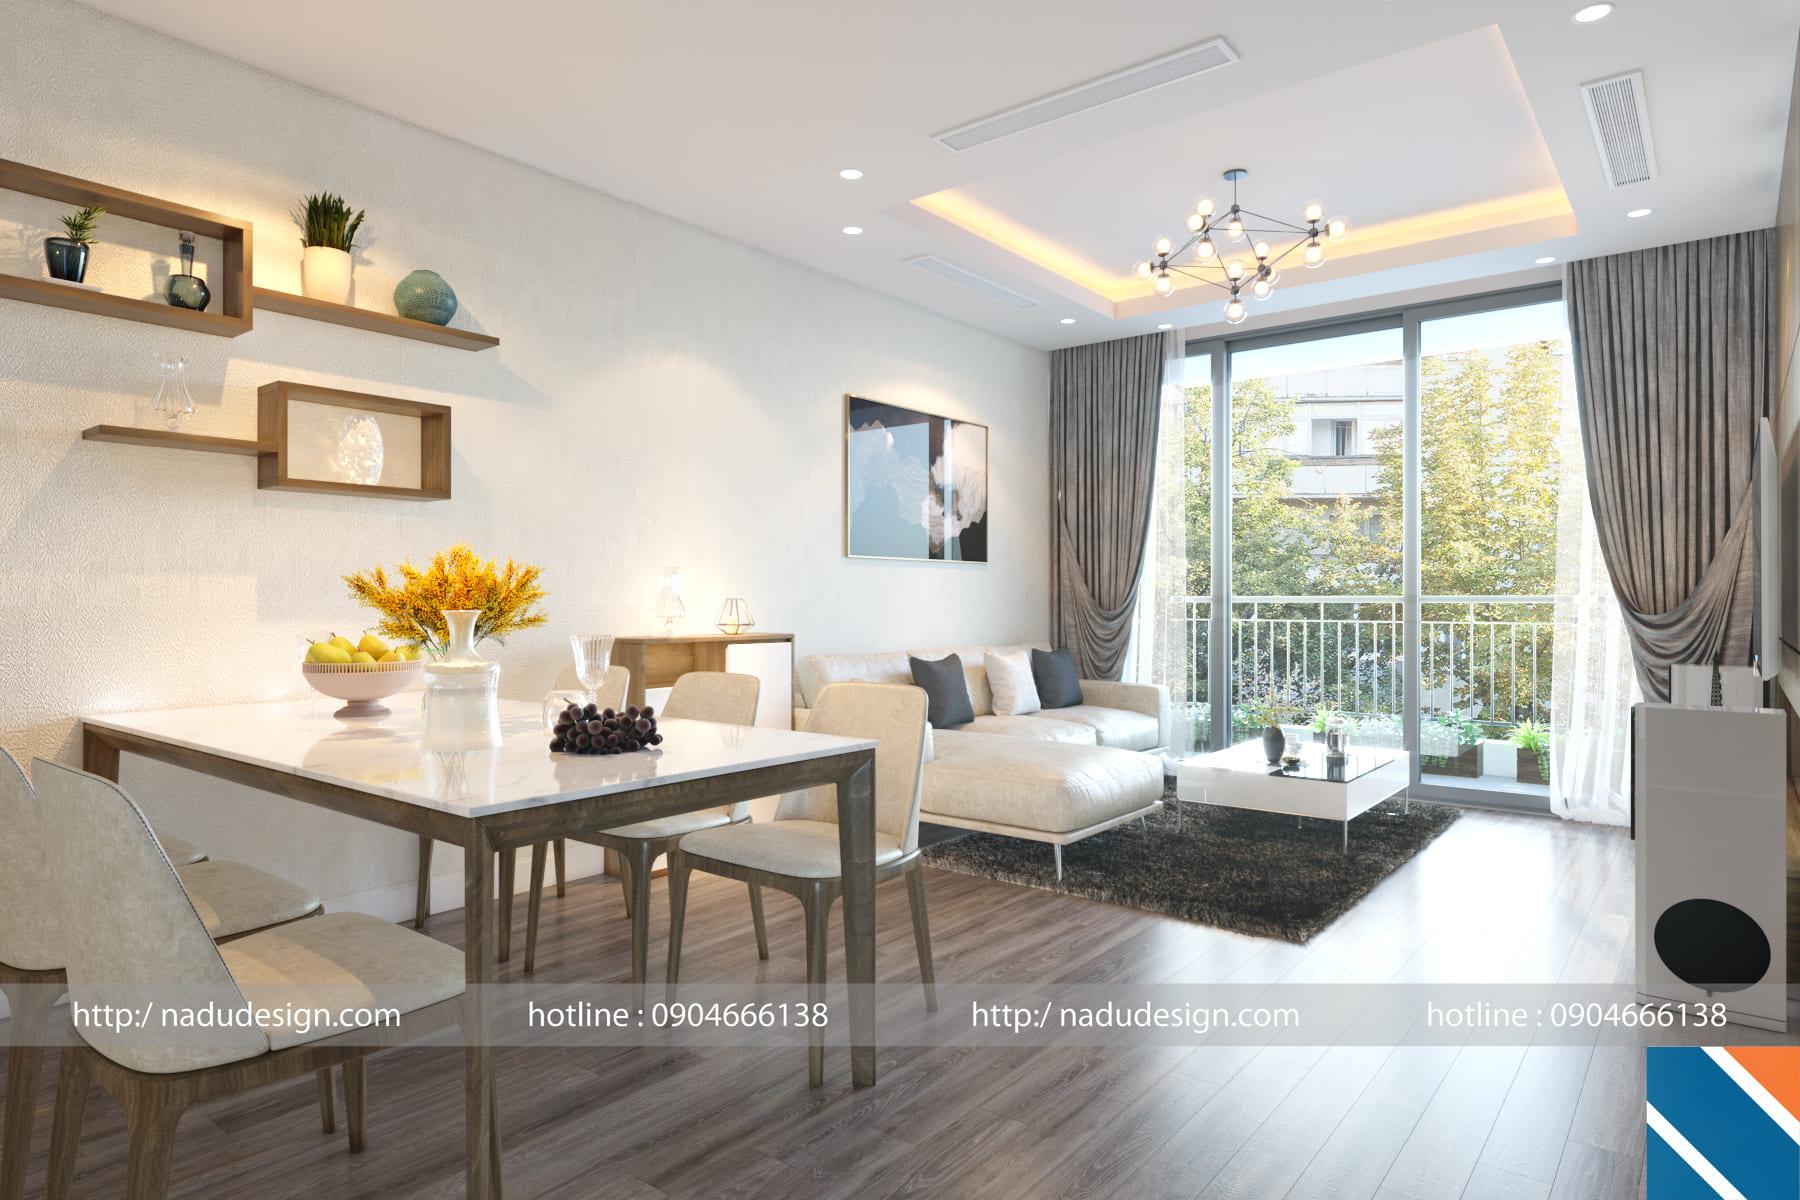 Thiết kế nội thất chung cư hiện đại anh Hùng